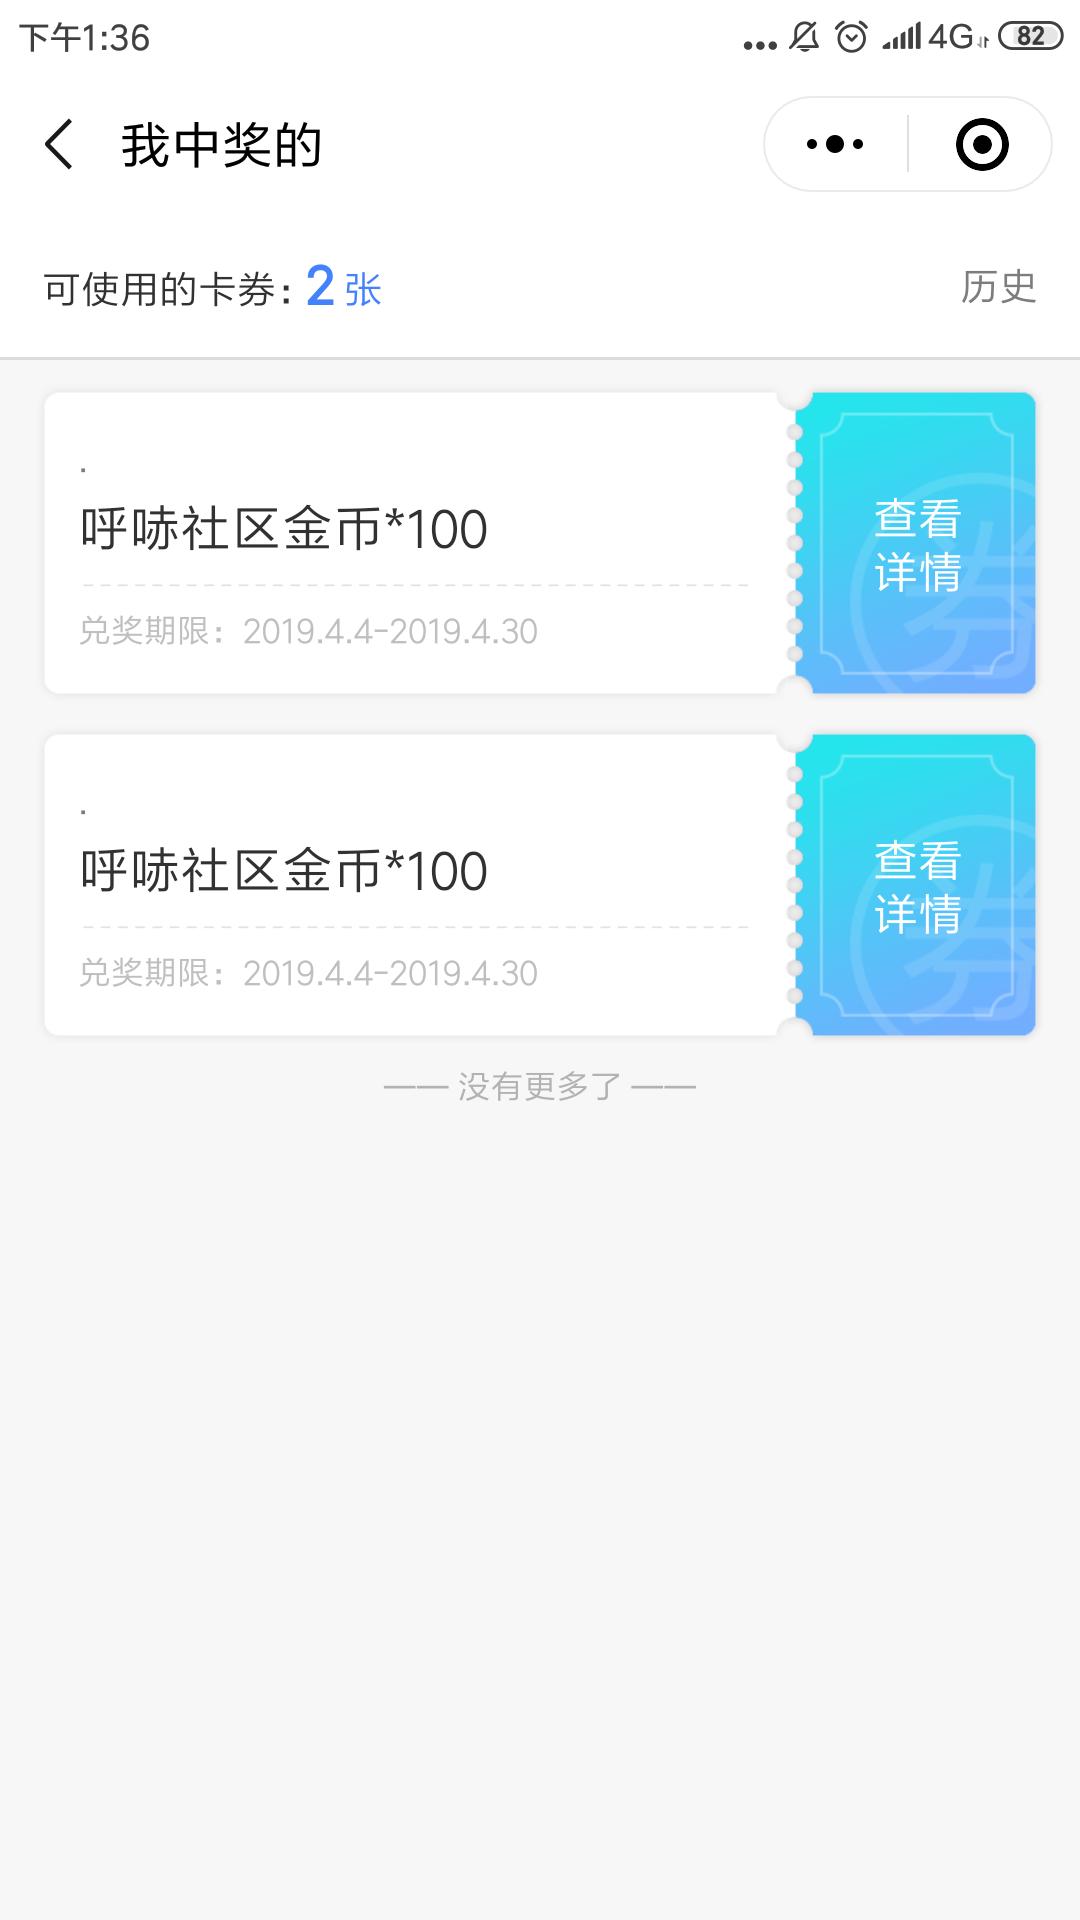 Screenshot_2019-04-09-13-36-25-341_com.tencent.mm.png